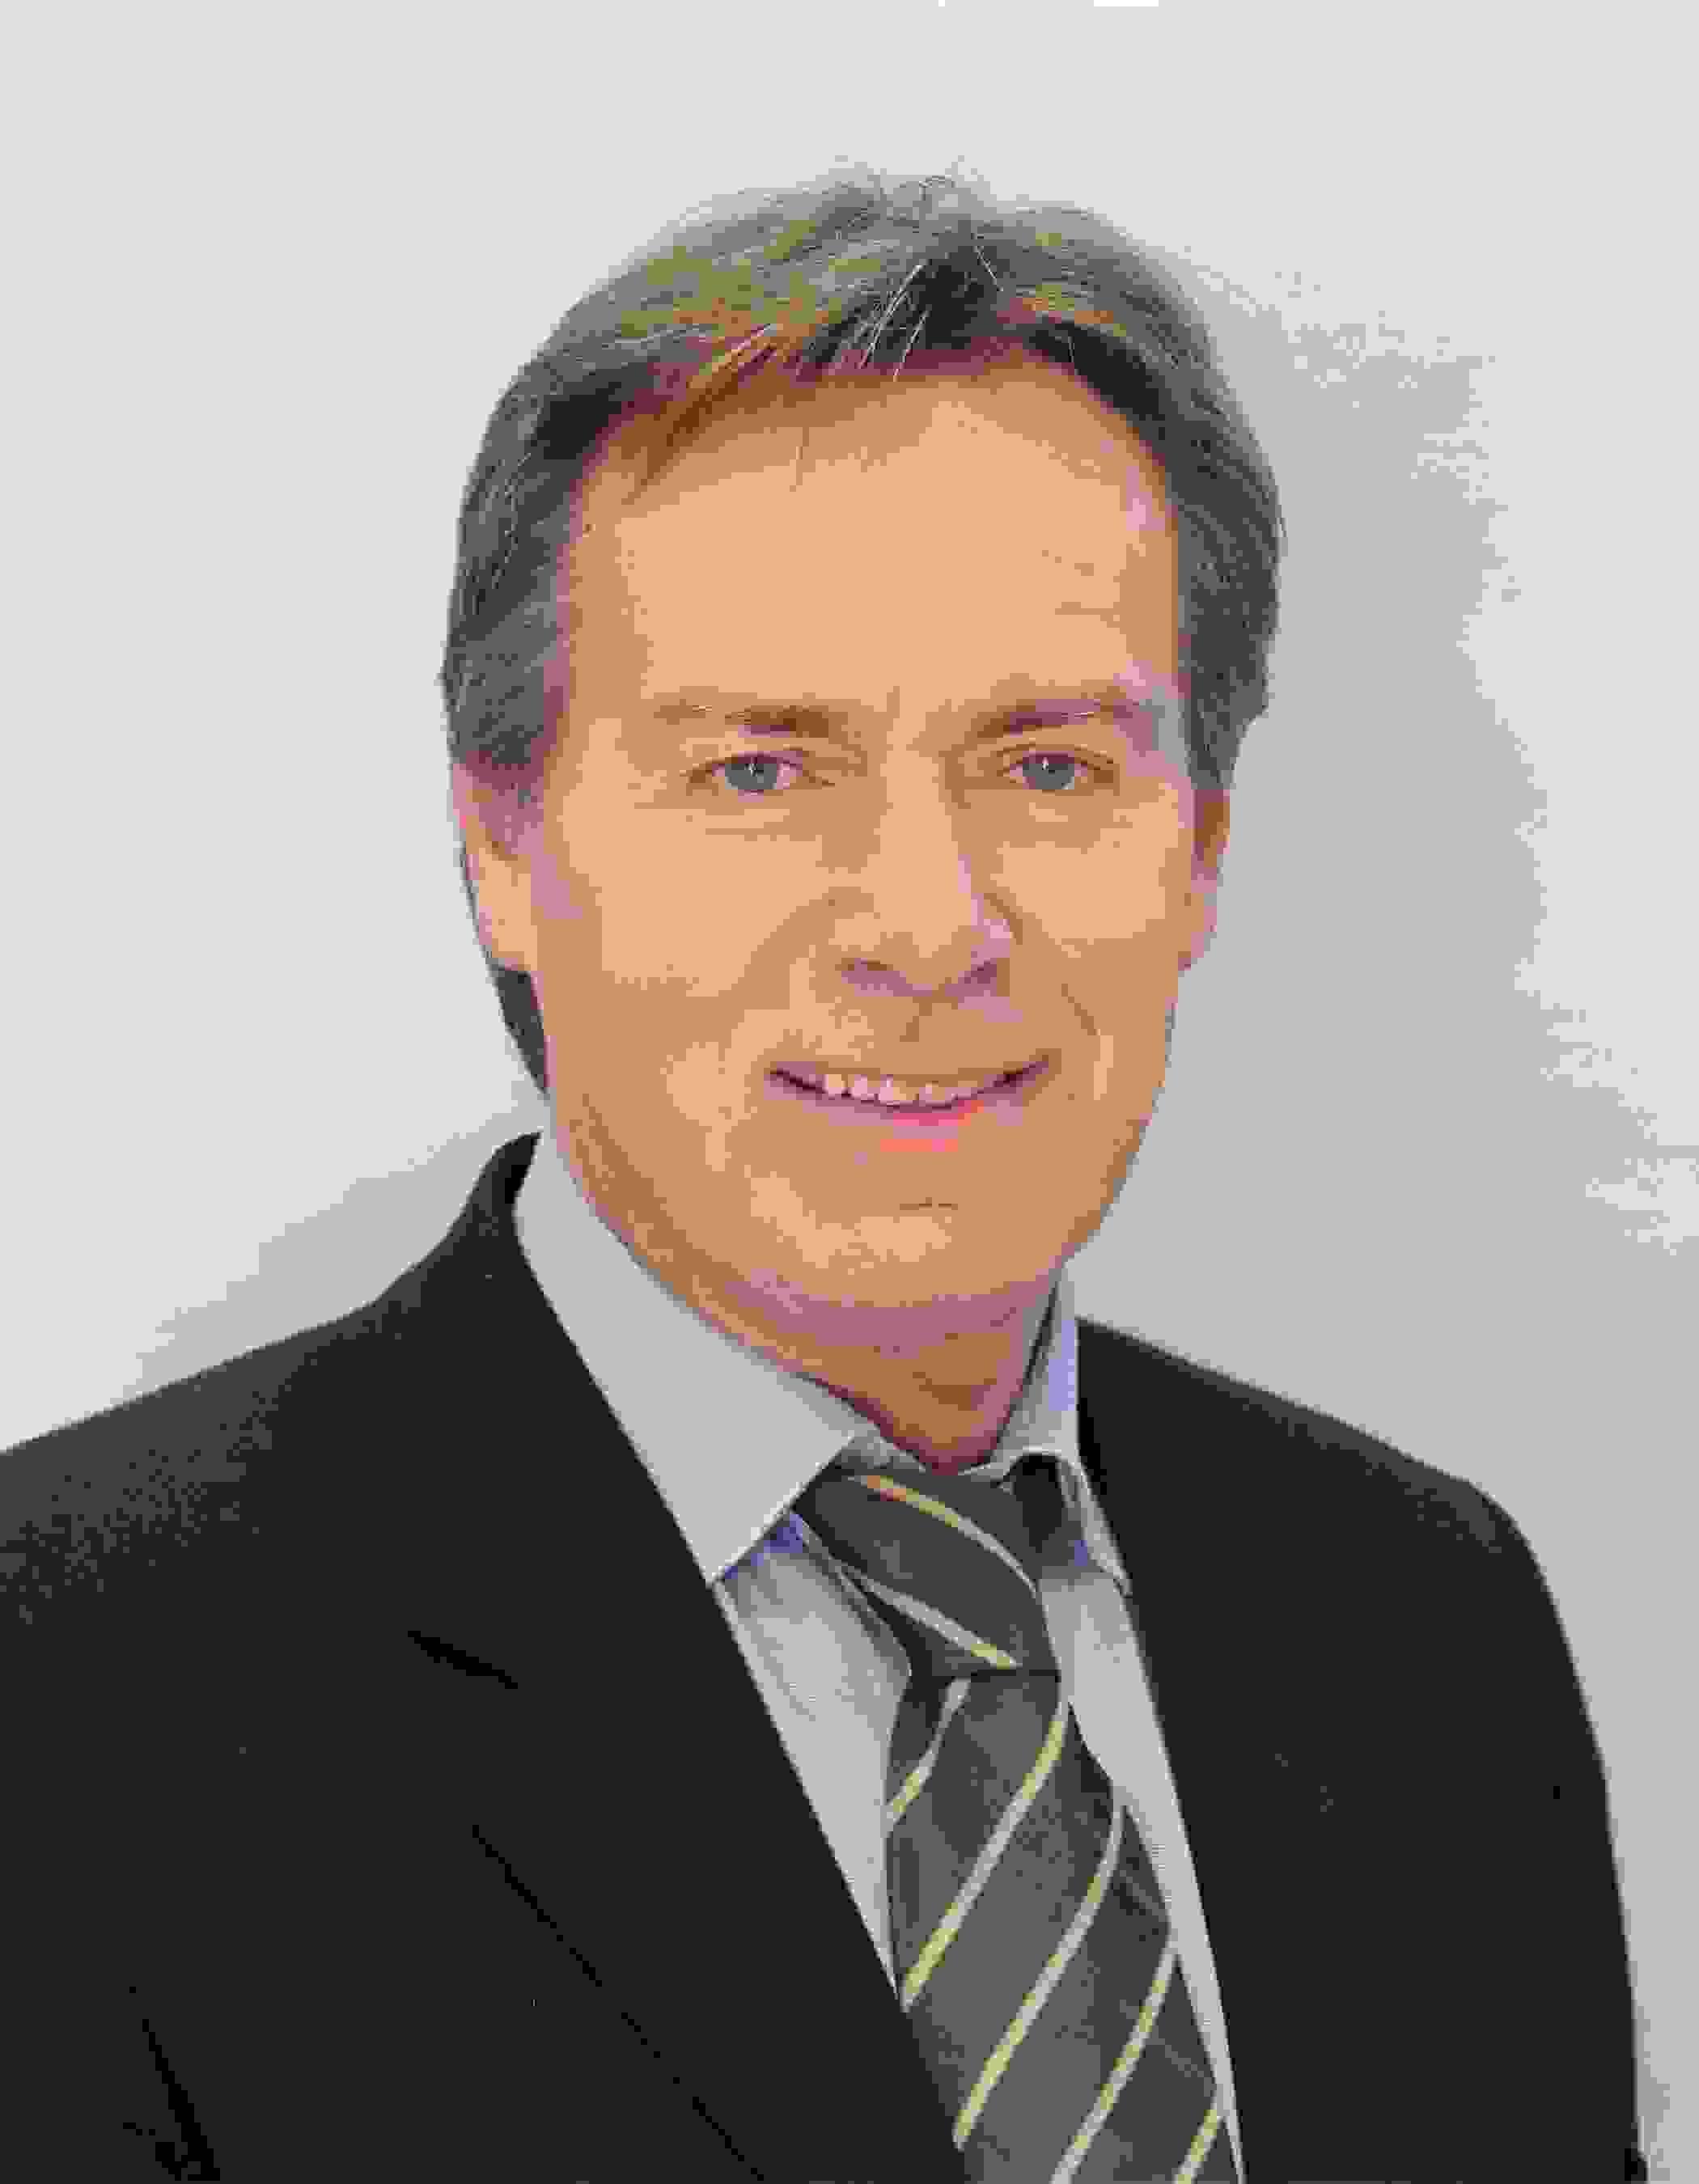 Συνέντευξη Τουριστικής Προβολής της Κεφαλονιάς  από τον Α/Δήμαρχο κ.Ευάγγελο Κεκάτο,   στην Αγγλική έκδοση του Tornos News: Το  υπάρχει Σχέδιο και Πρόγραμμα Τουριστικής Ανάπτυξης για την Κεφαλονιά